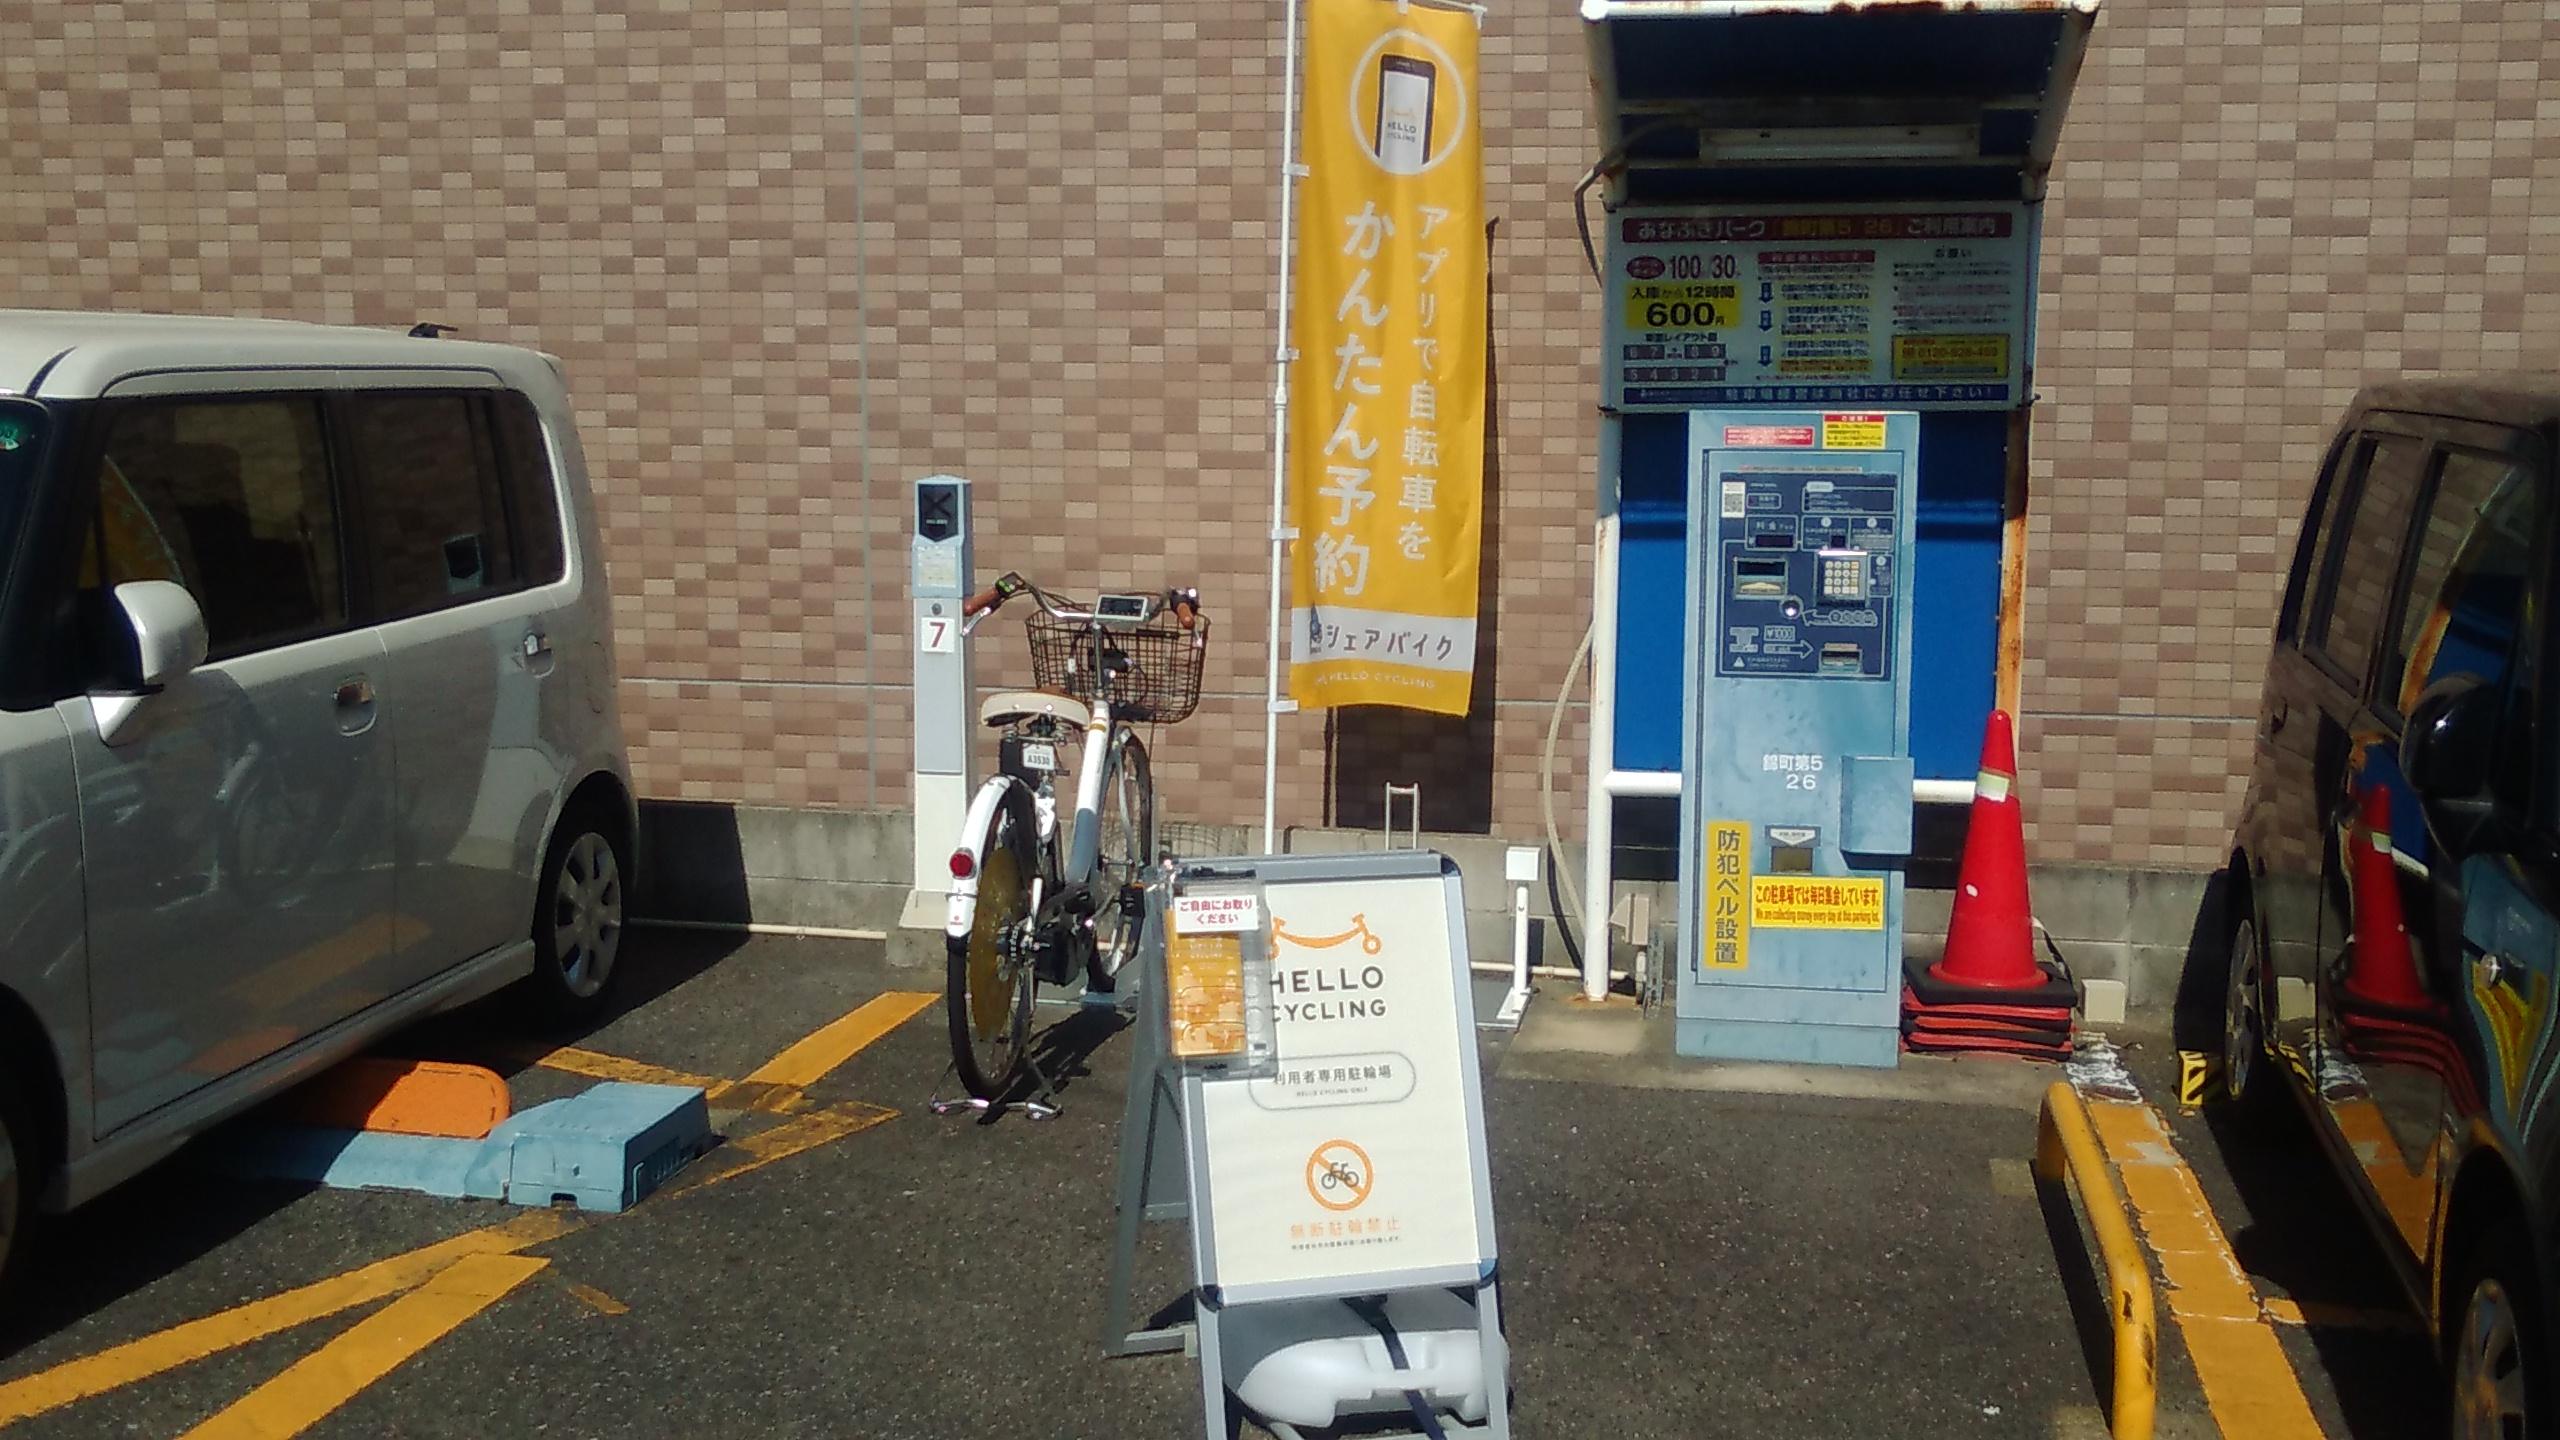 あなぶき錦町第5パーキング (HELLO CYCLING ポート) image